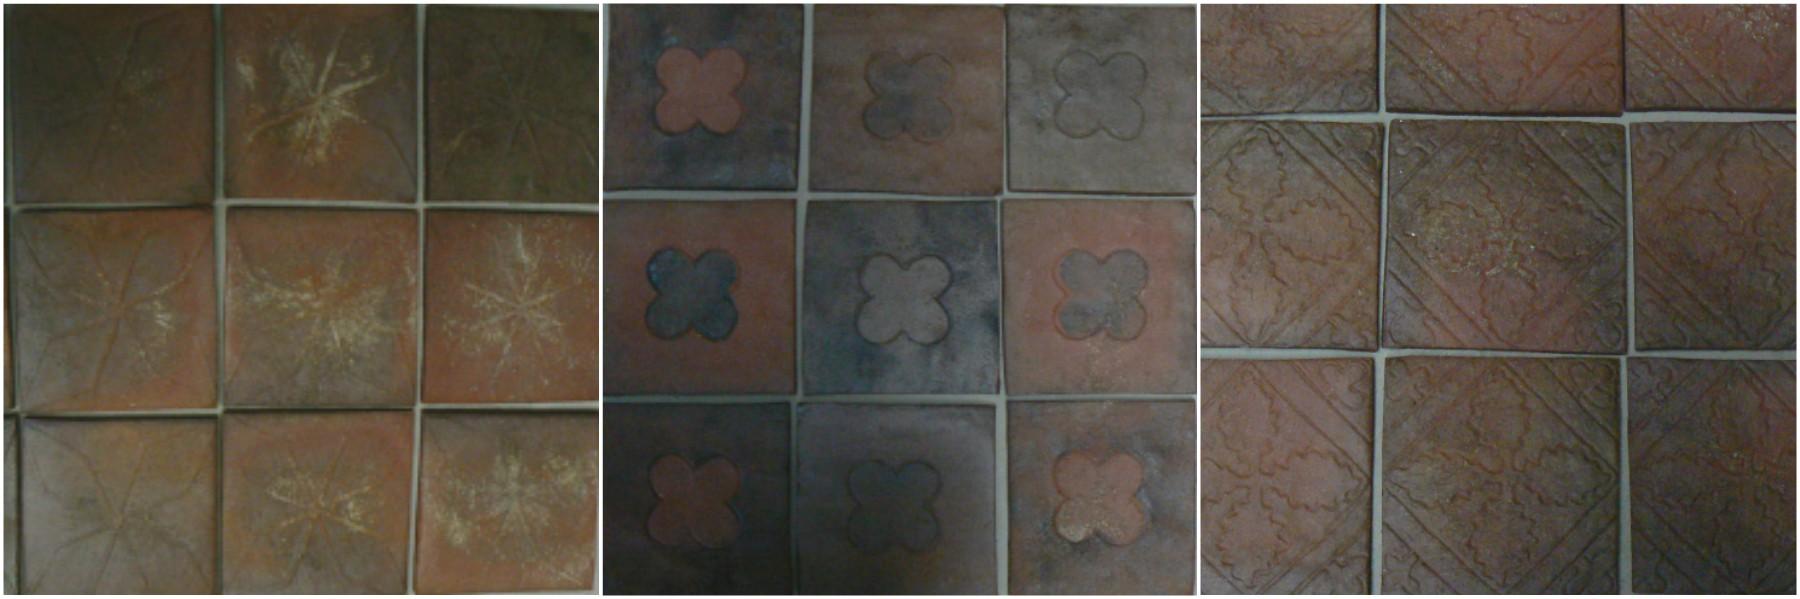 Medieval diamonds field tiles (Saxon tiles, York, UK), Chappelle de Saint Cucaphas Quatrefoils, Medieval Oak leaf tiles from Acton Burnell parish -- tiles from Inglenook tile design